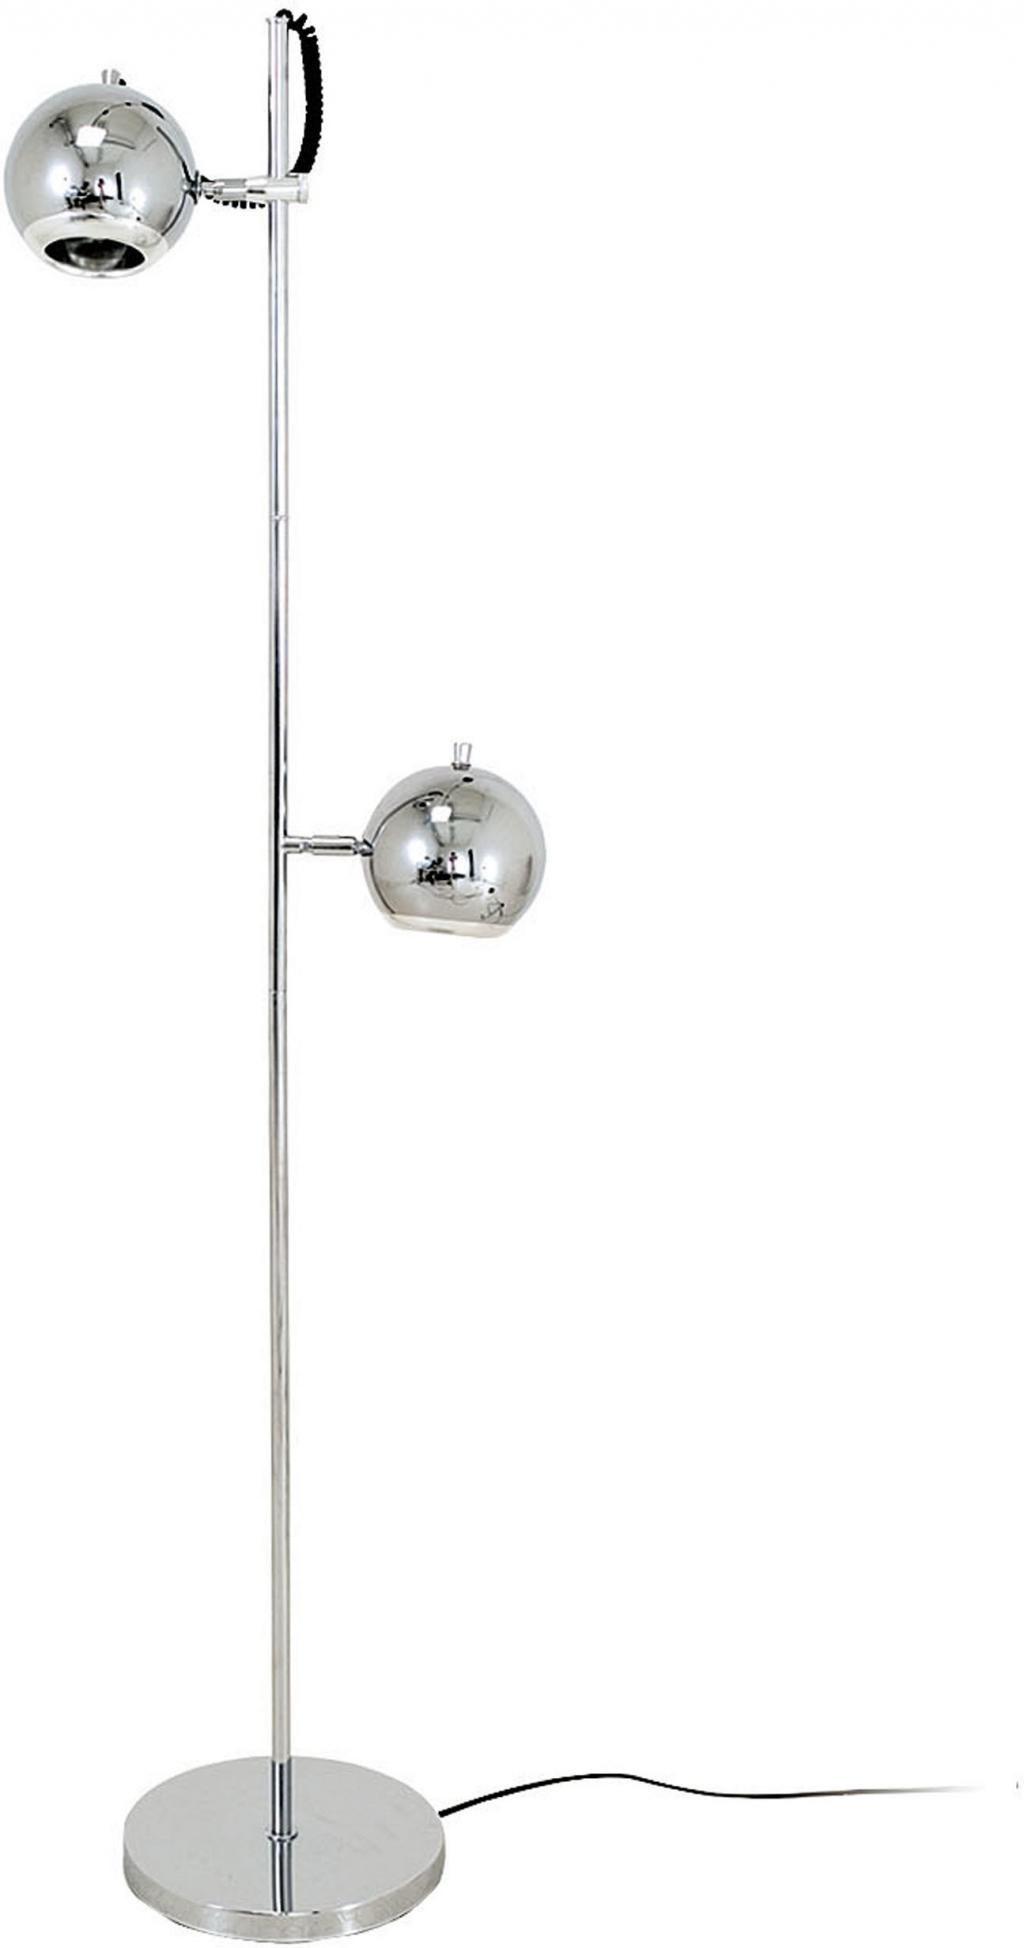 Vloerlamp retro 150cm chroom leitmotiv for Lampen 150 cm